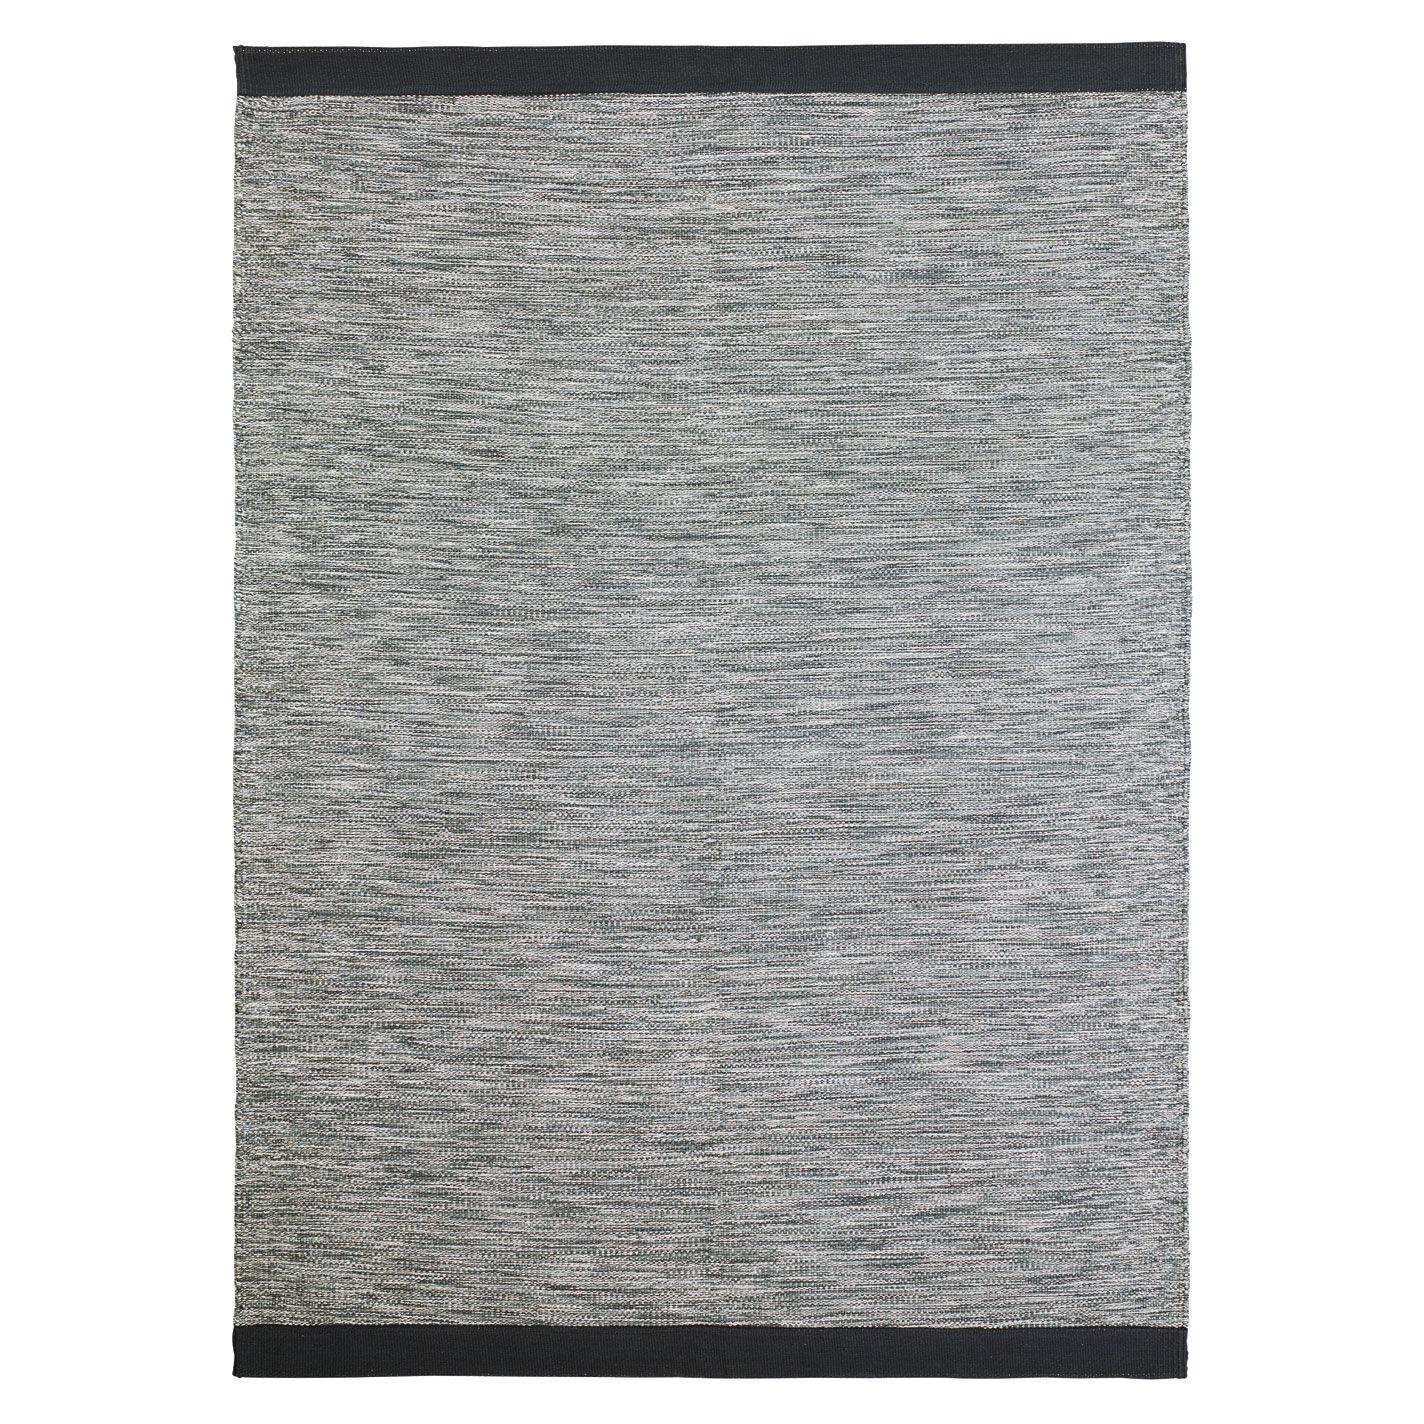 Linum Loom Matto 140x200cm, Granite Grey